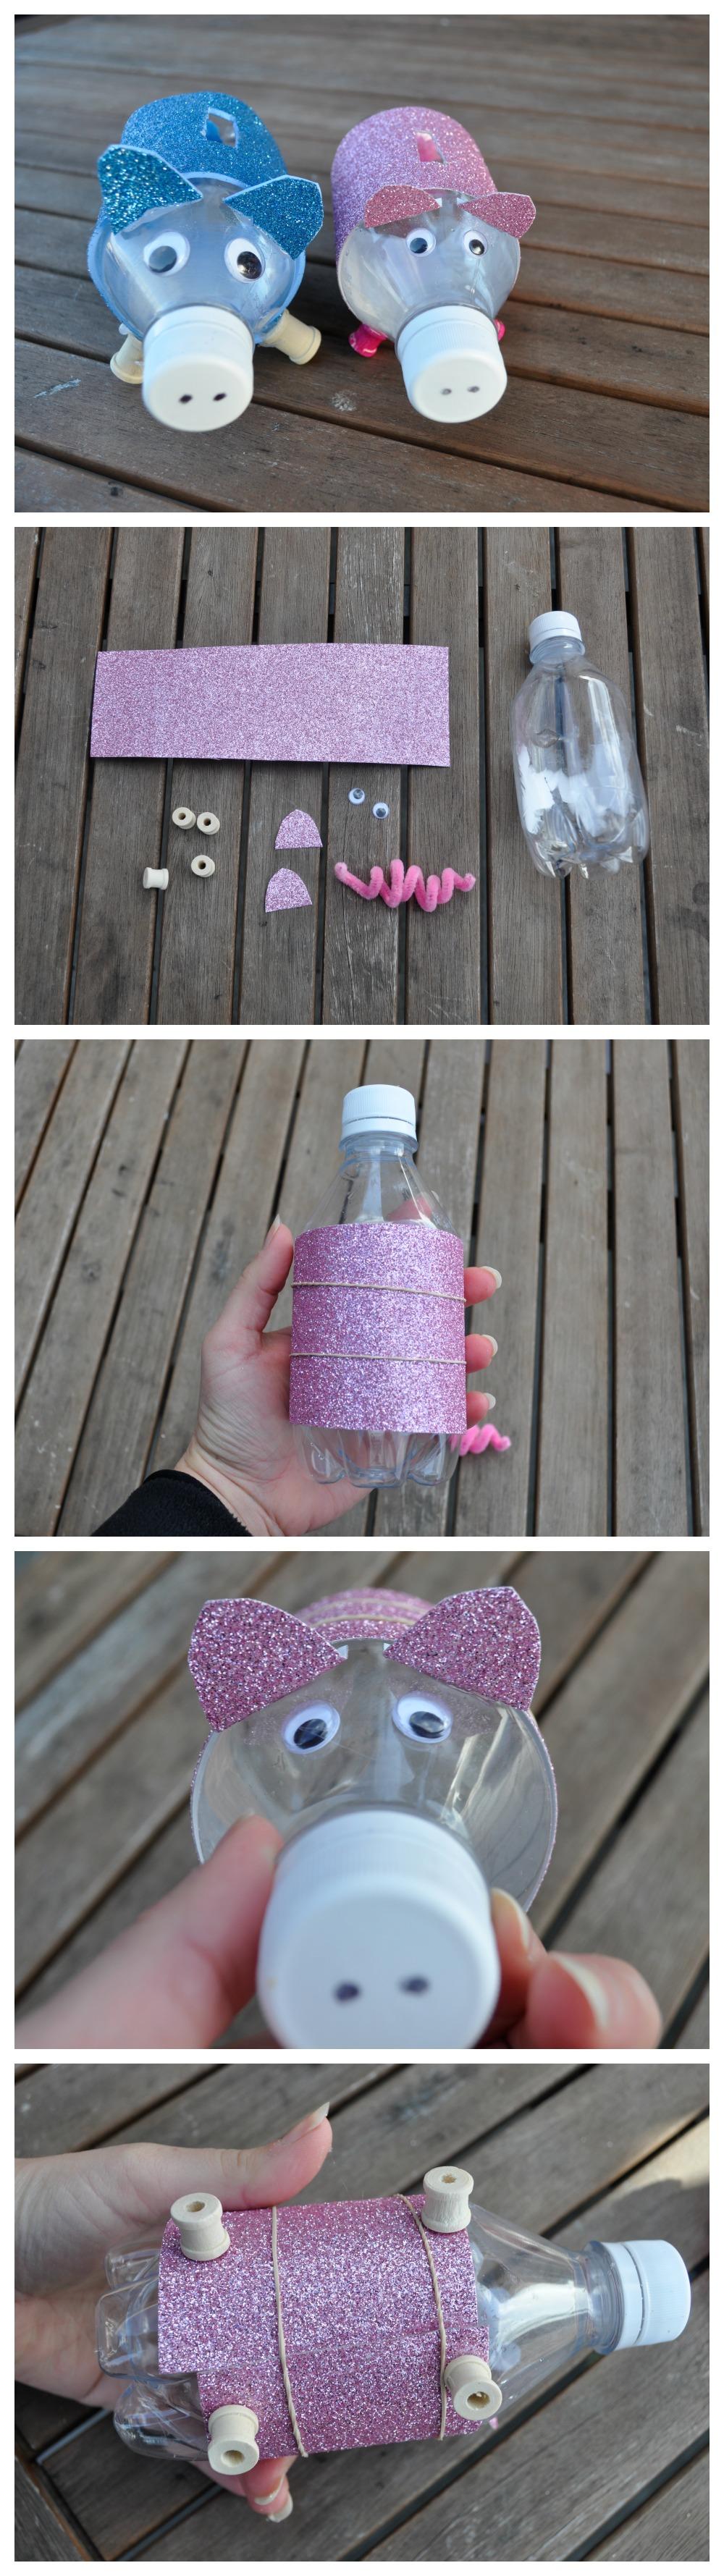 que faire avec des bouteilles en plastique, tutoriel comment faire une tirelire, papier cartonné coloré, des yeux mobiles, chenille cure-pipe